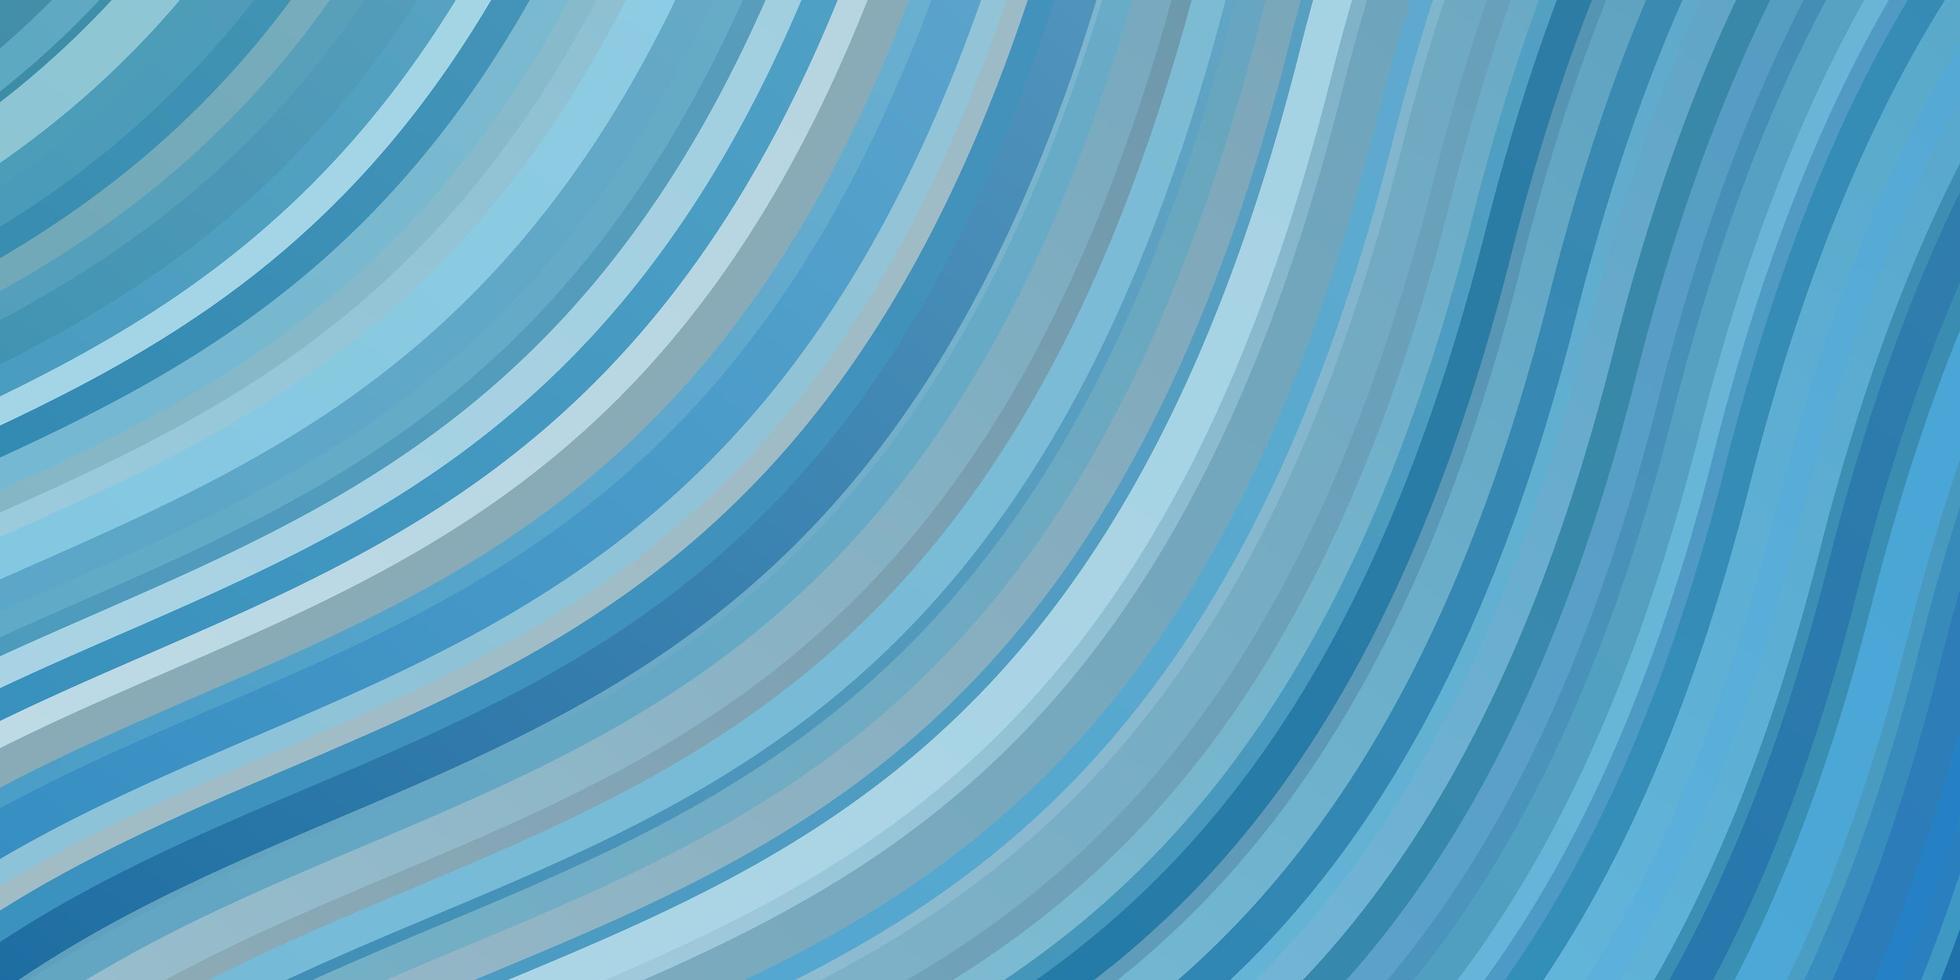 ljusblå konsistens med kurvor. vektor